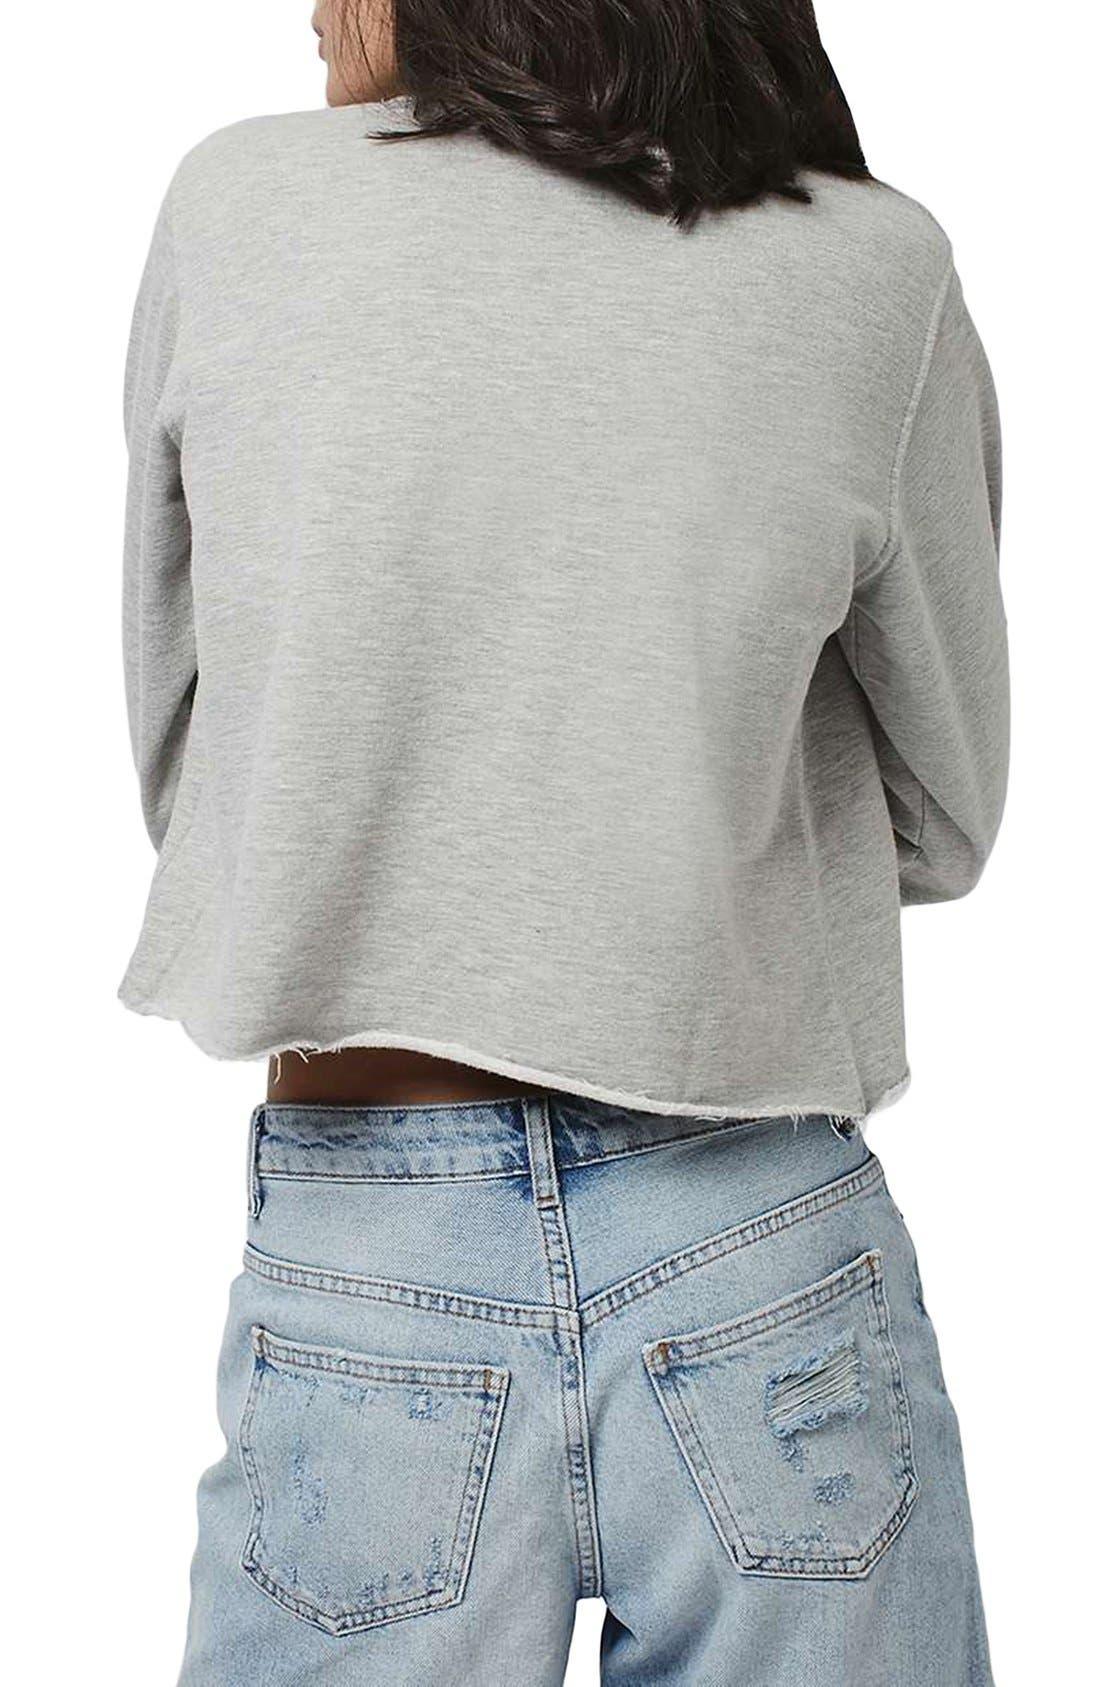 Alternate Image 2  - Topshop by Tee & Cake 'Eagles' Crop Sweatshirt